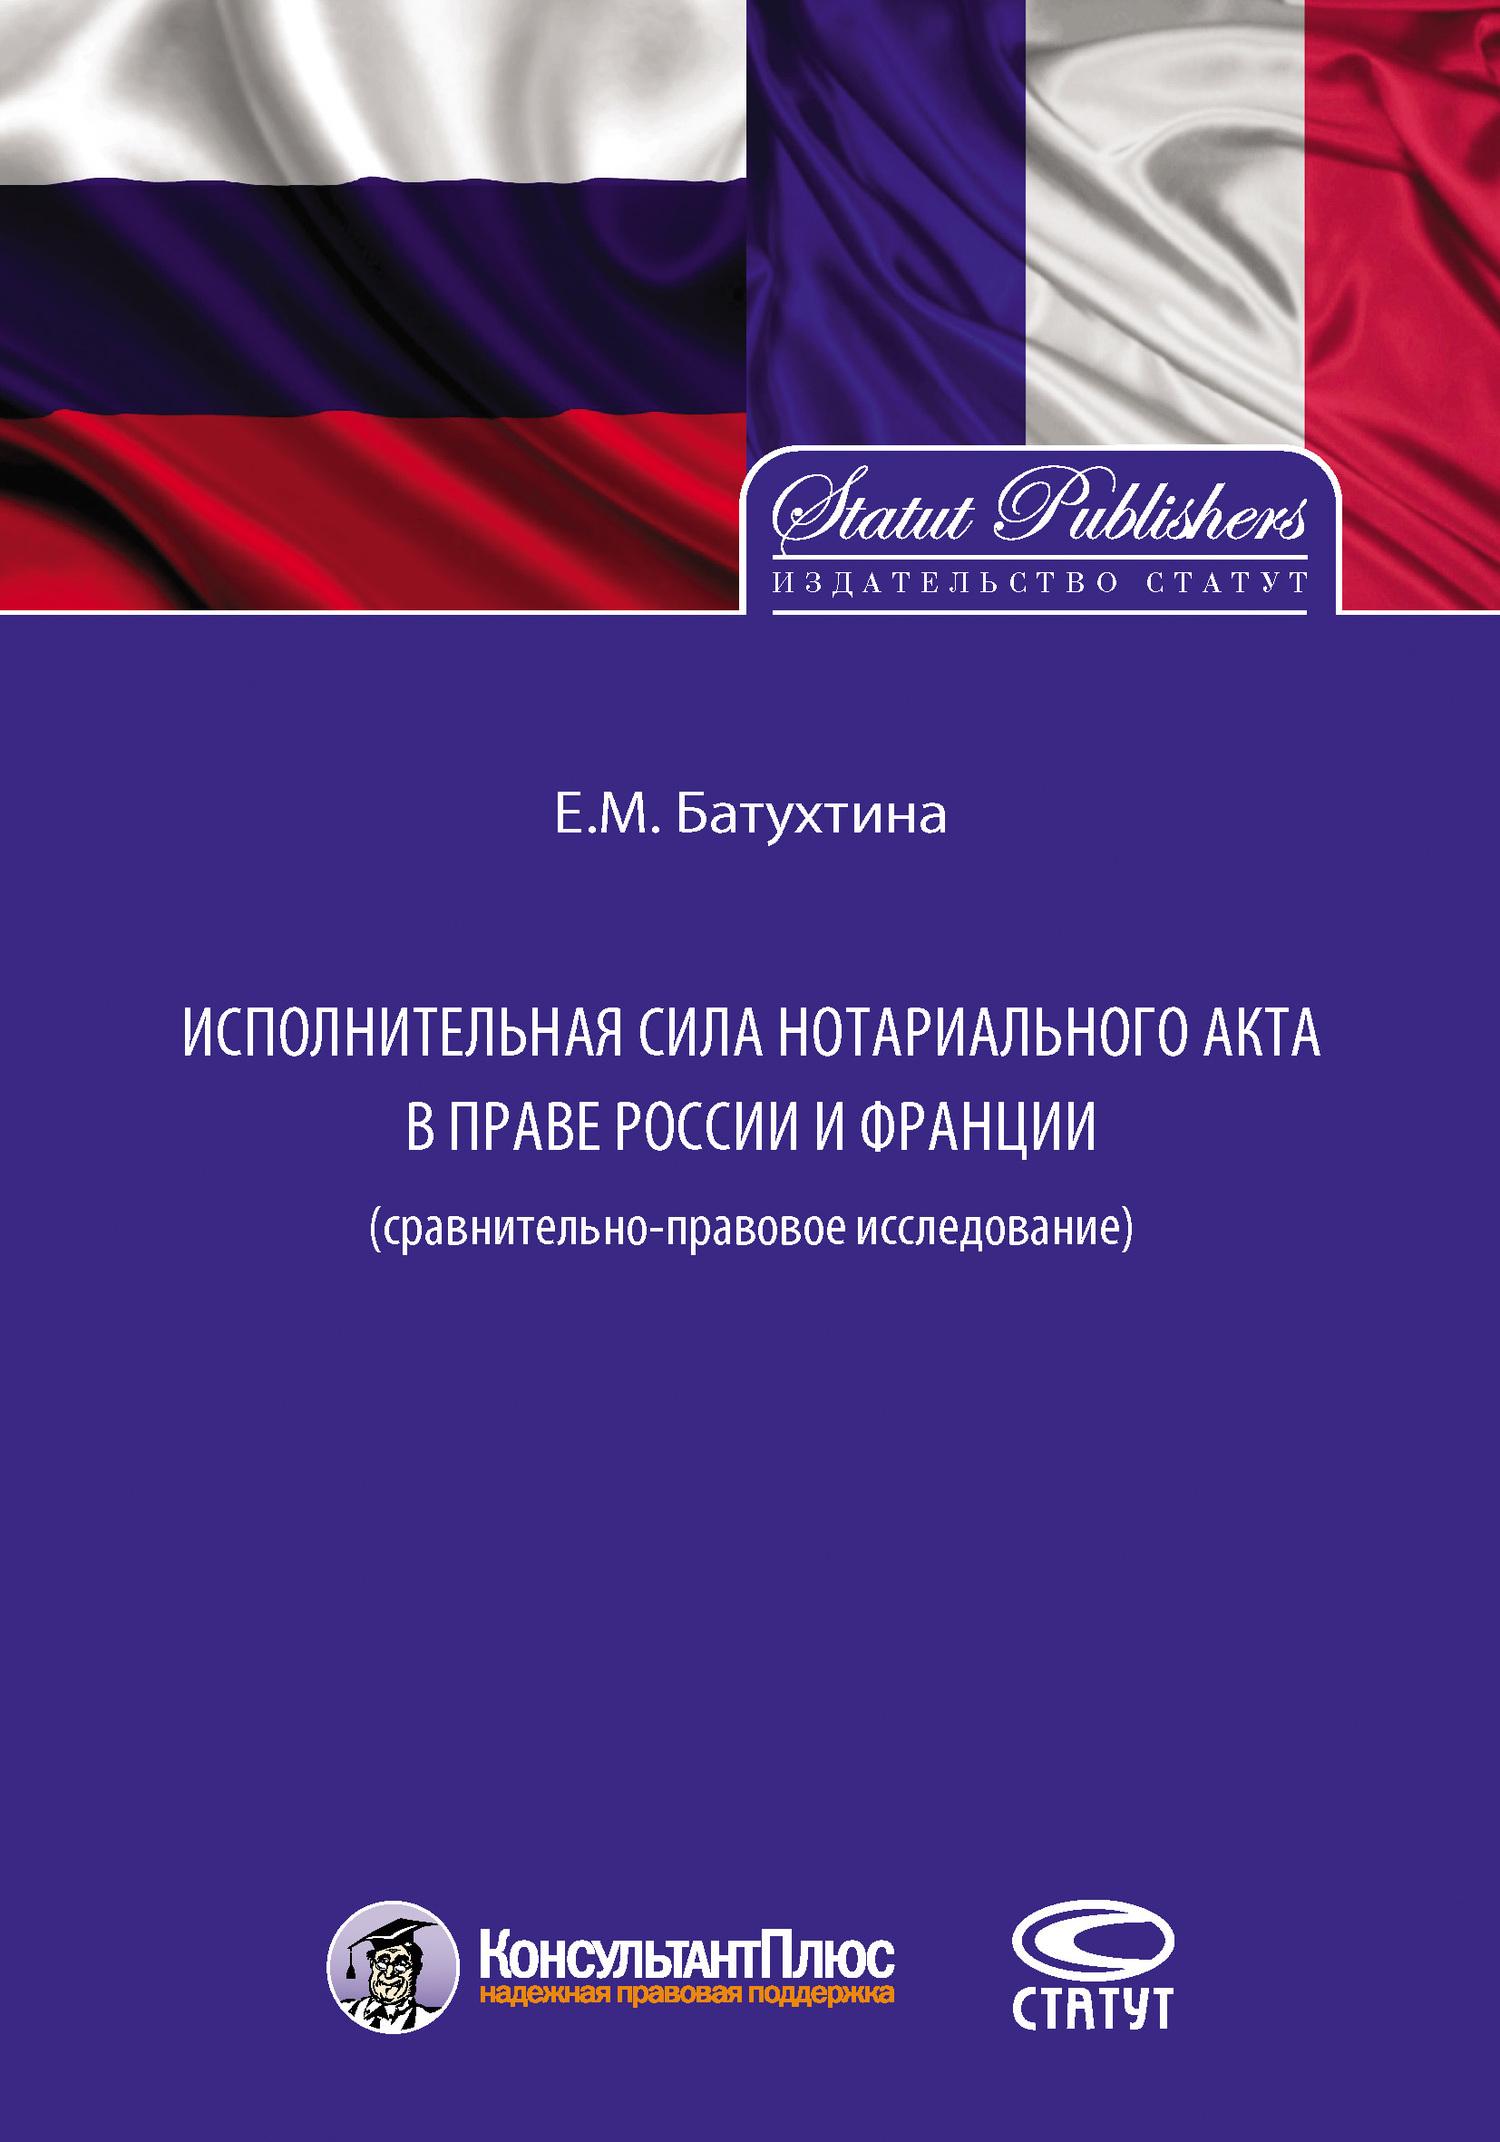 Исполнительная сила нотариального акта в праве России и Франции (сравнительно-правовое исследование)